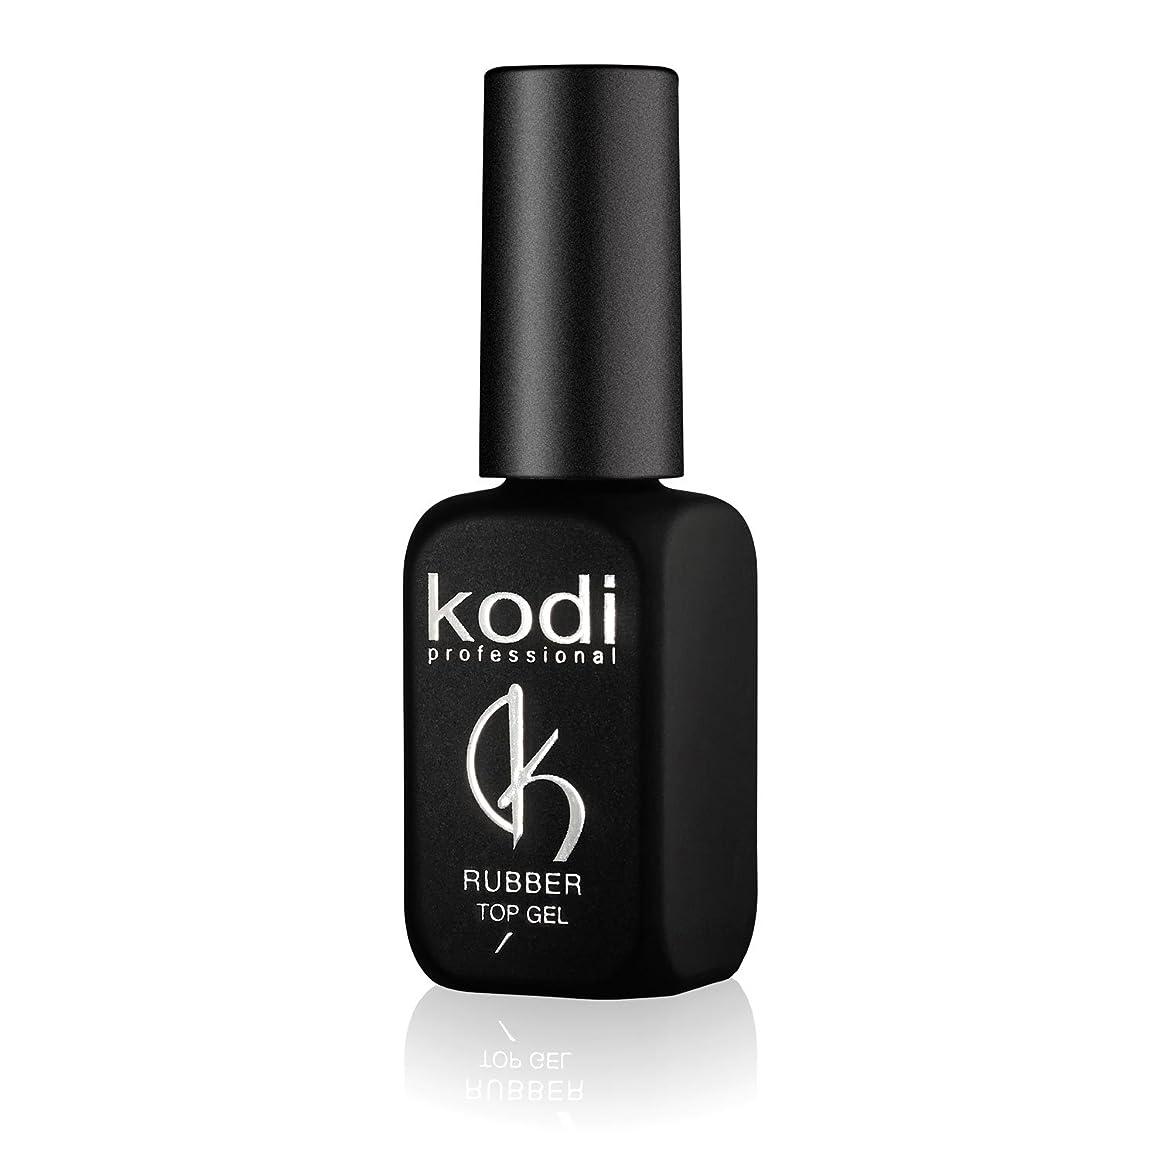 マーガレットミッチェル証拠ブッシュProfessional Rubber Top Gel By Kodi   12ml 0.42 oz   Soak Off, Polish Fingernails Coat Gel   For Long Lasting Nails Layer   Easy To Use, Non-Toxic & Scentless   Cure Under LED Or UV Lamp